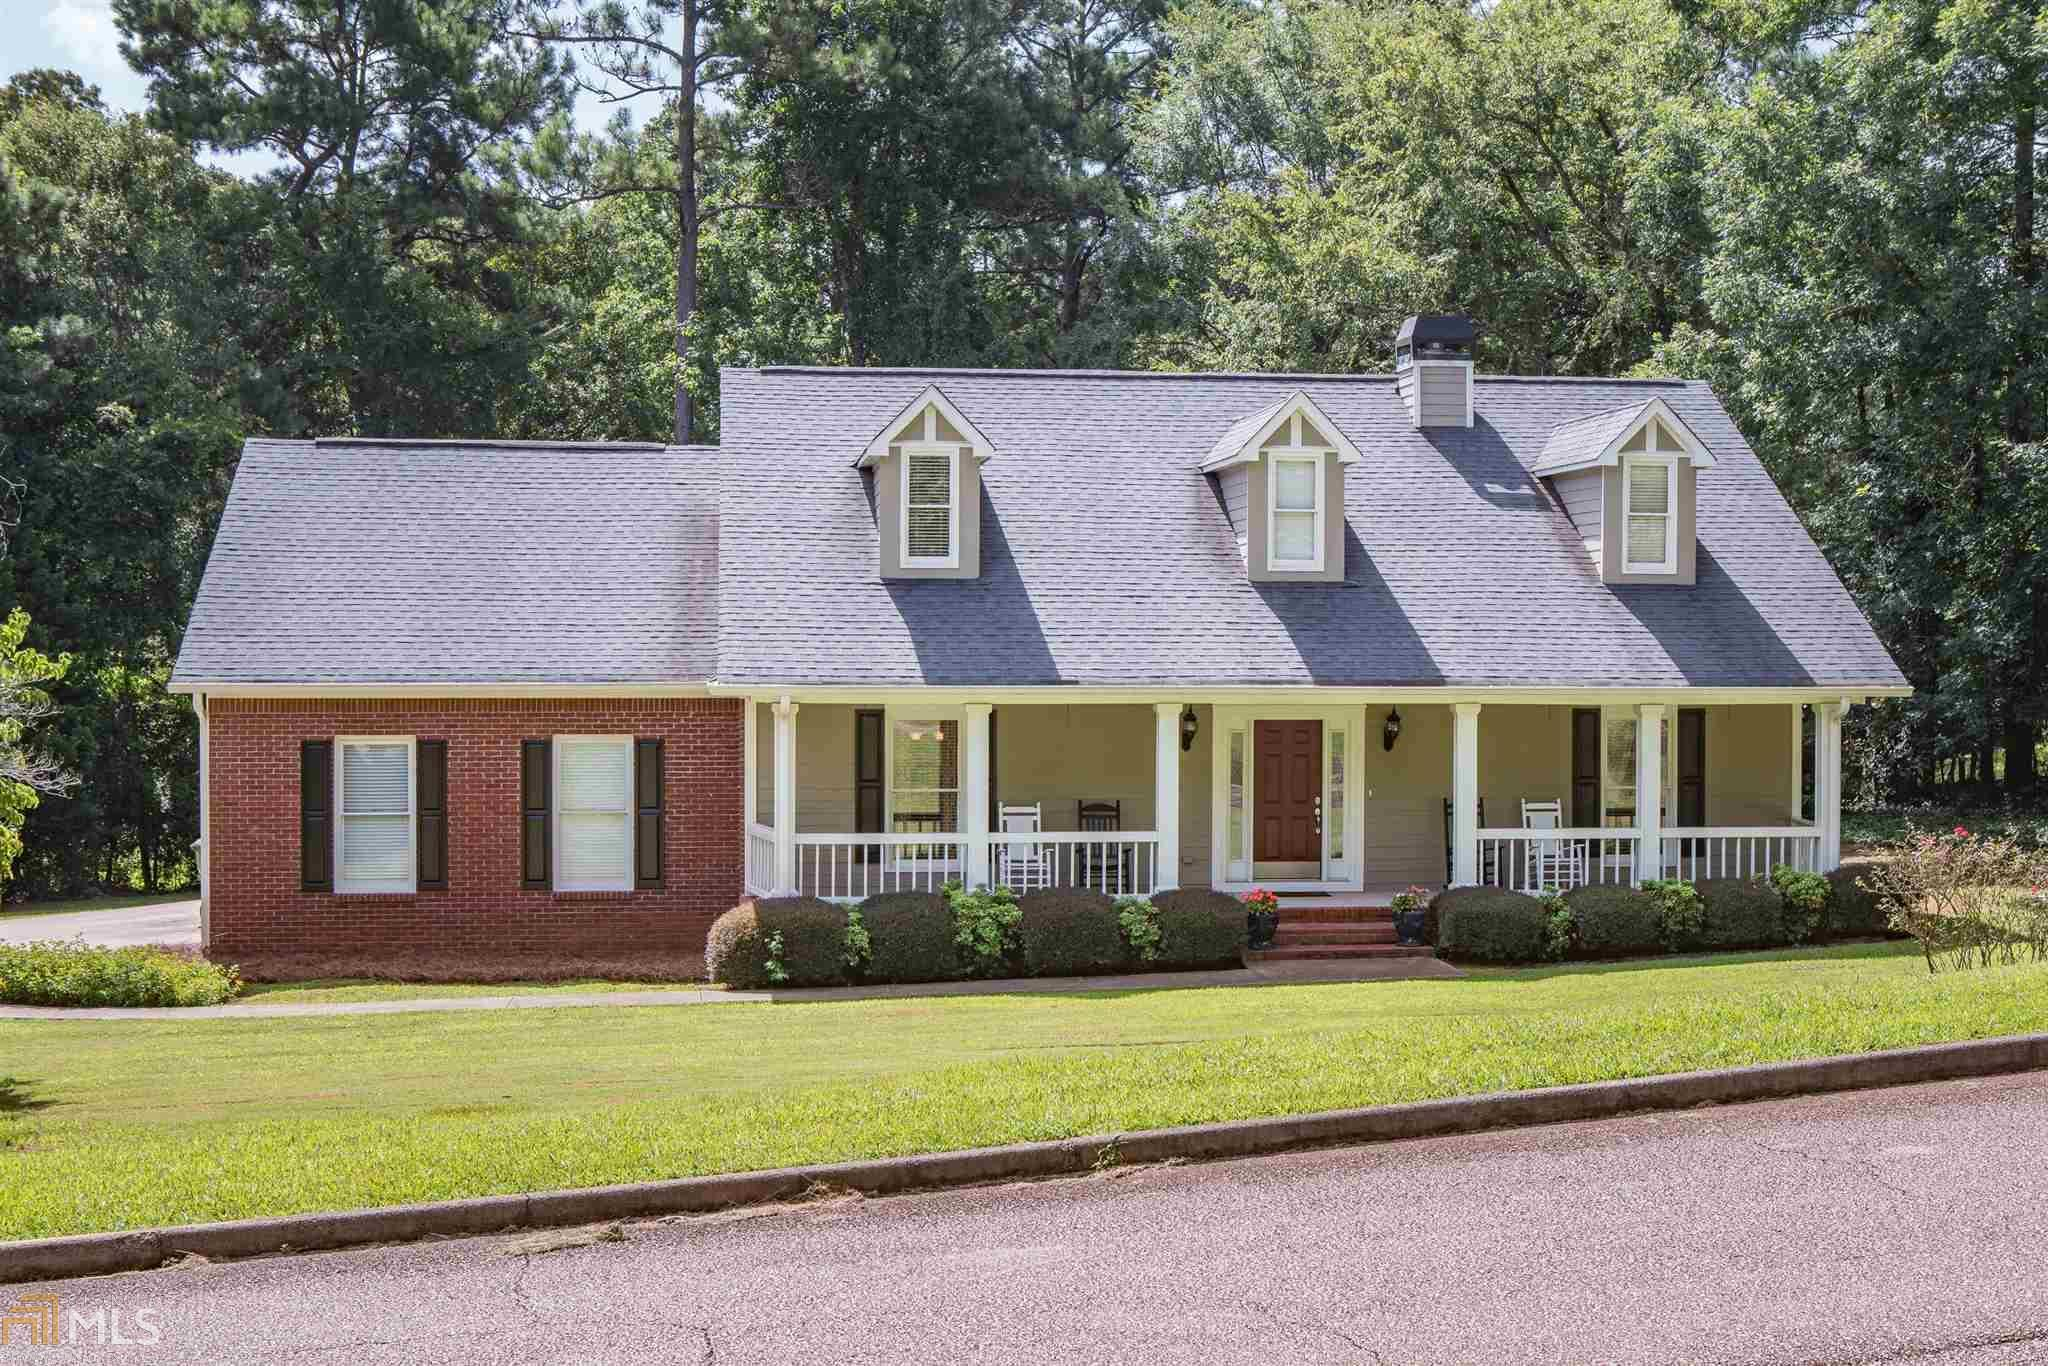 101 Village Dr, Lagrange, GA | MLS# 8624799 | Rob Upchurch